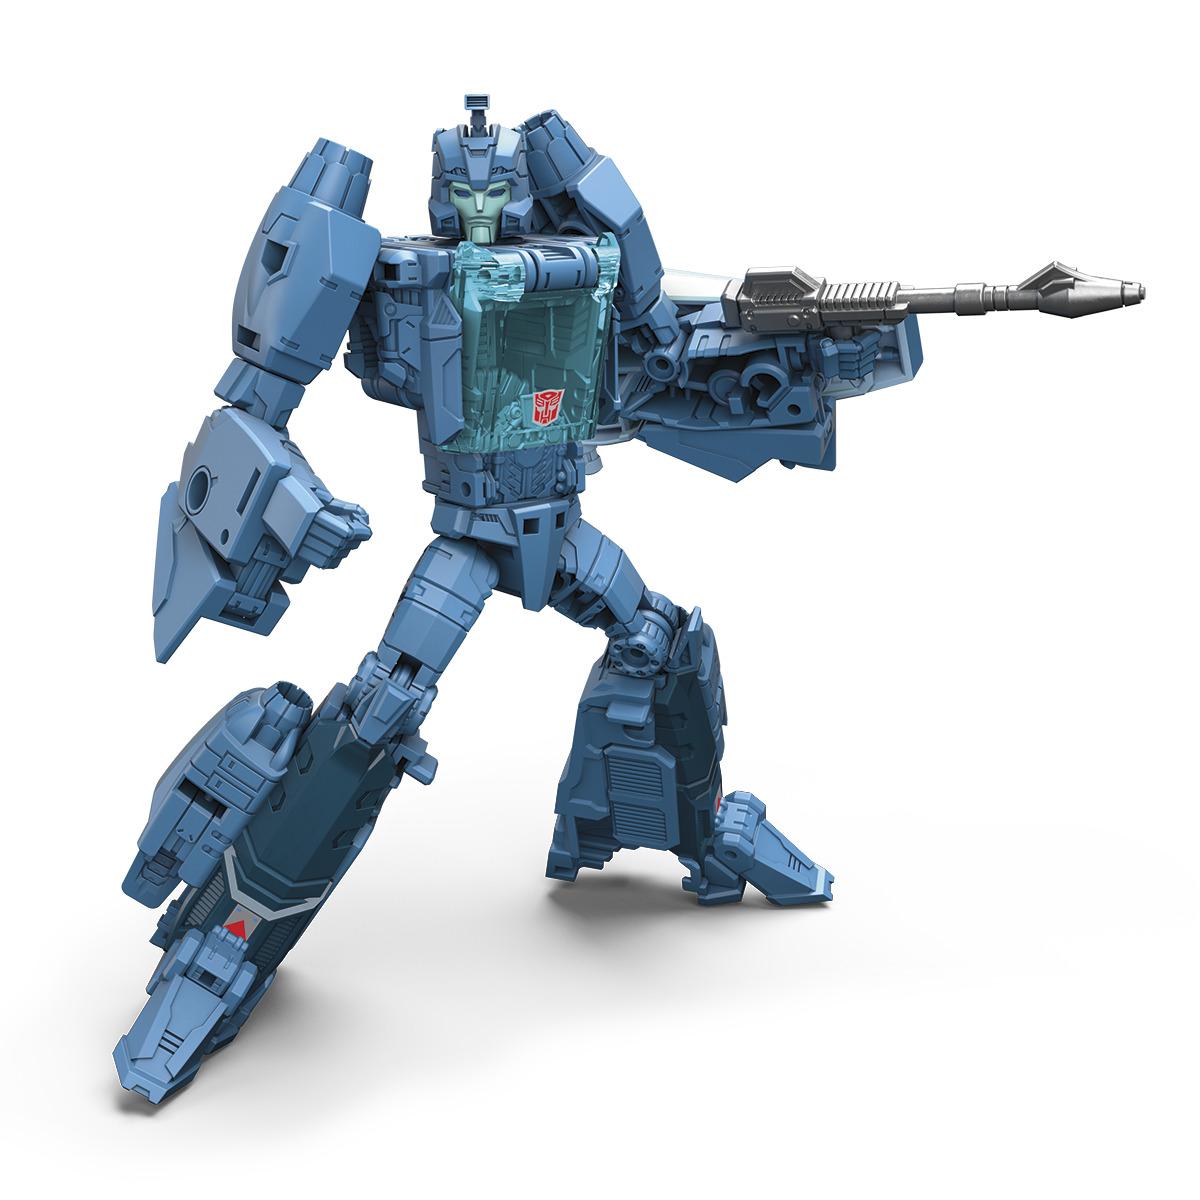 Blurr Robot